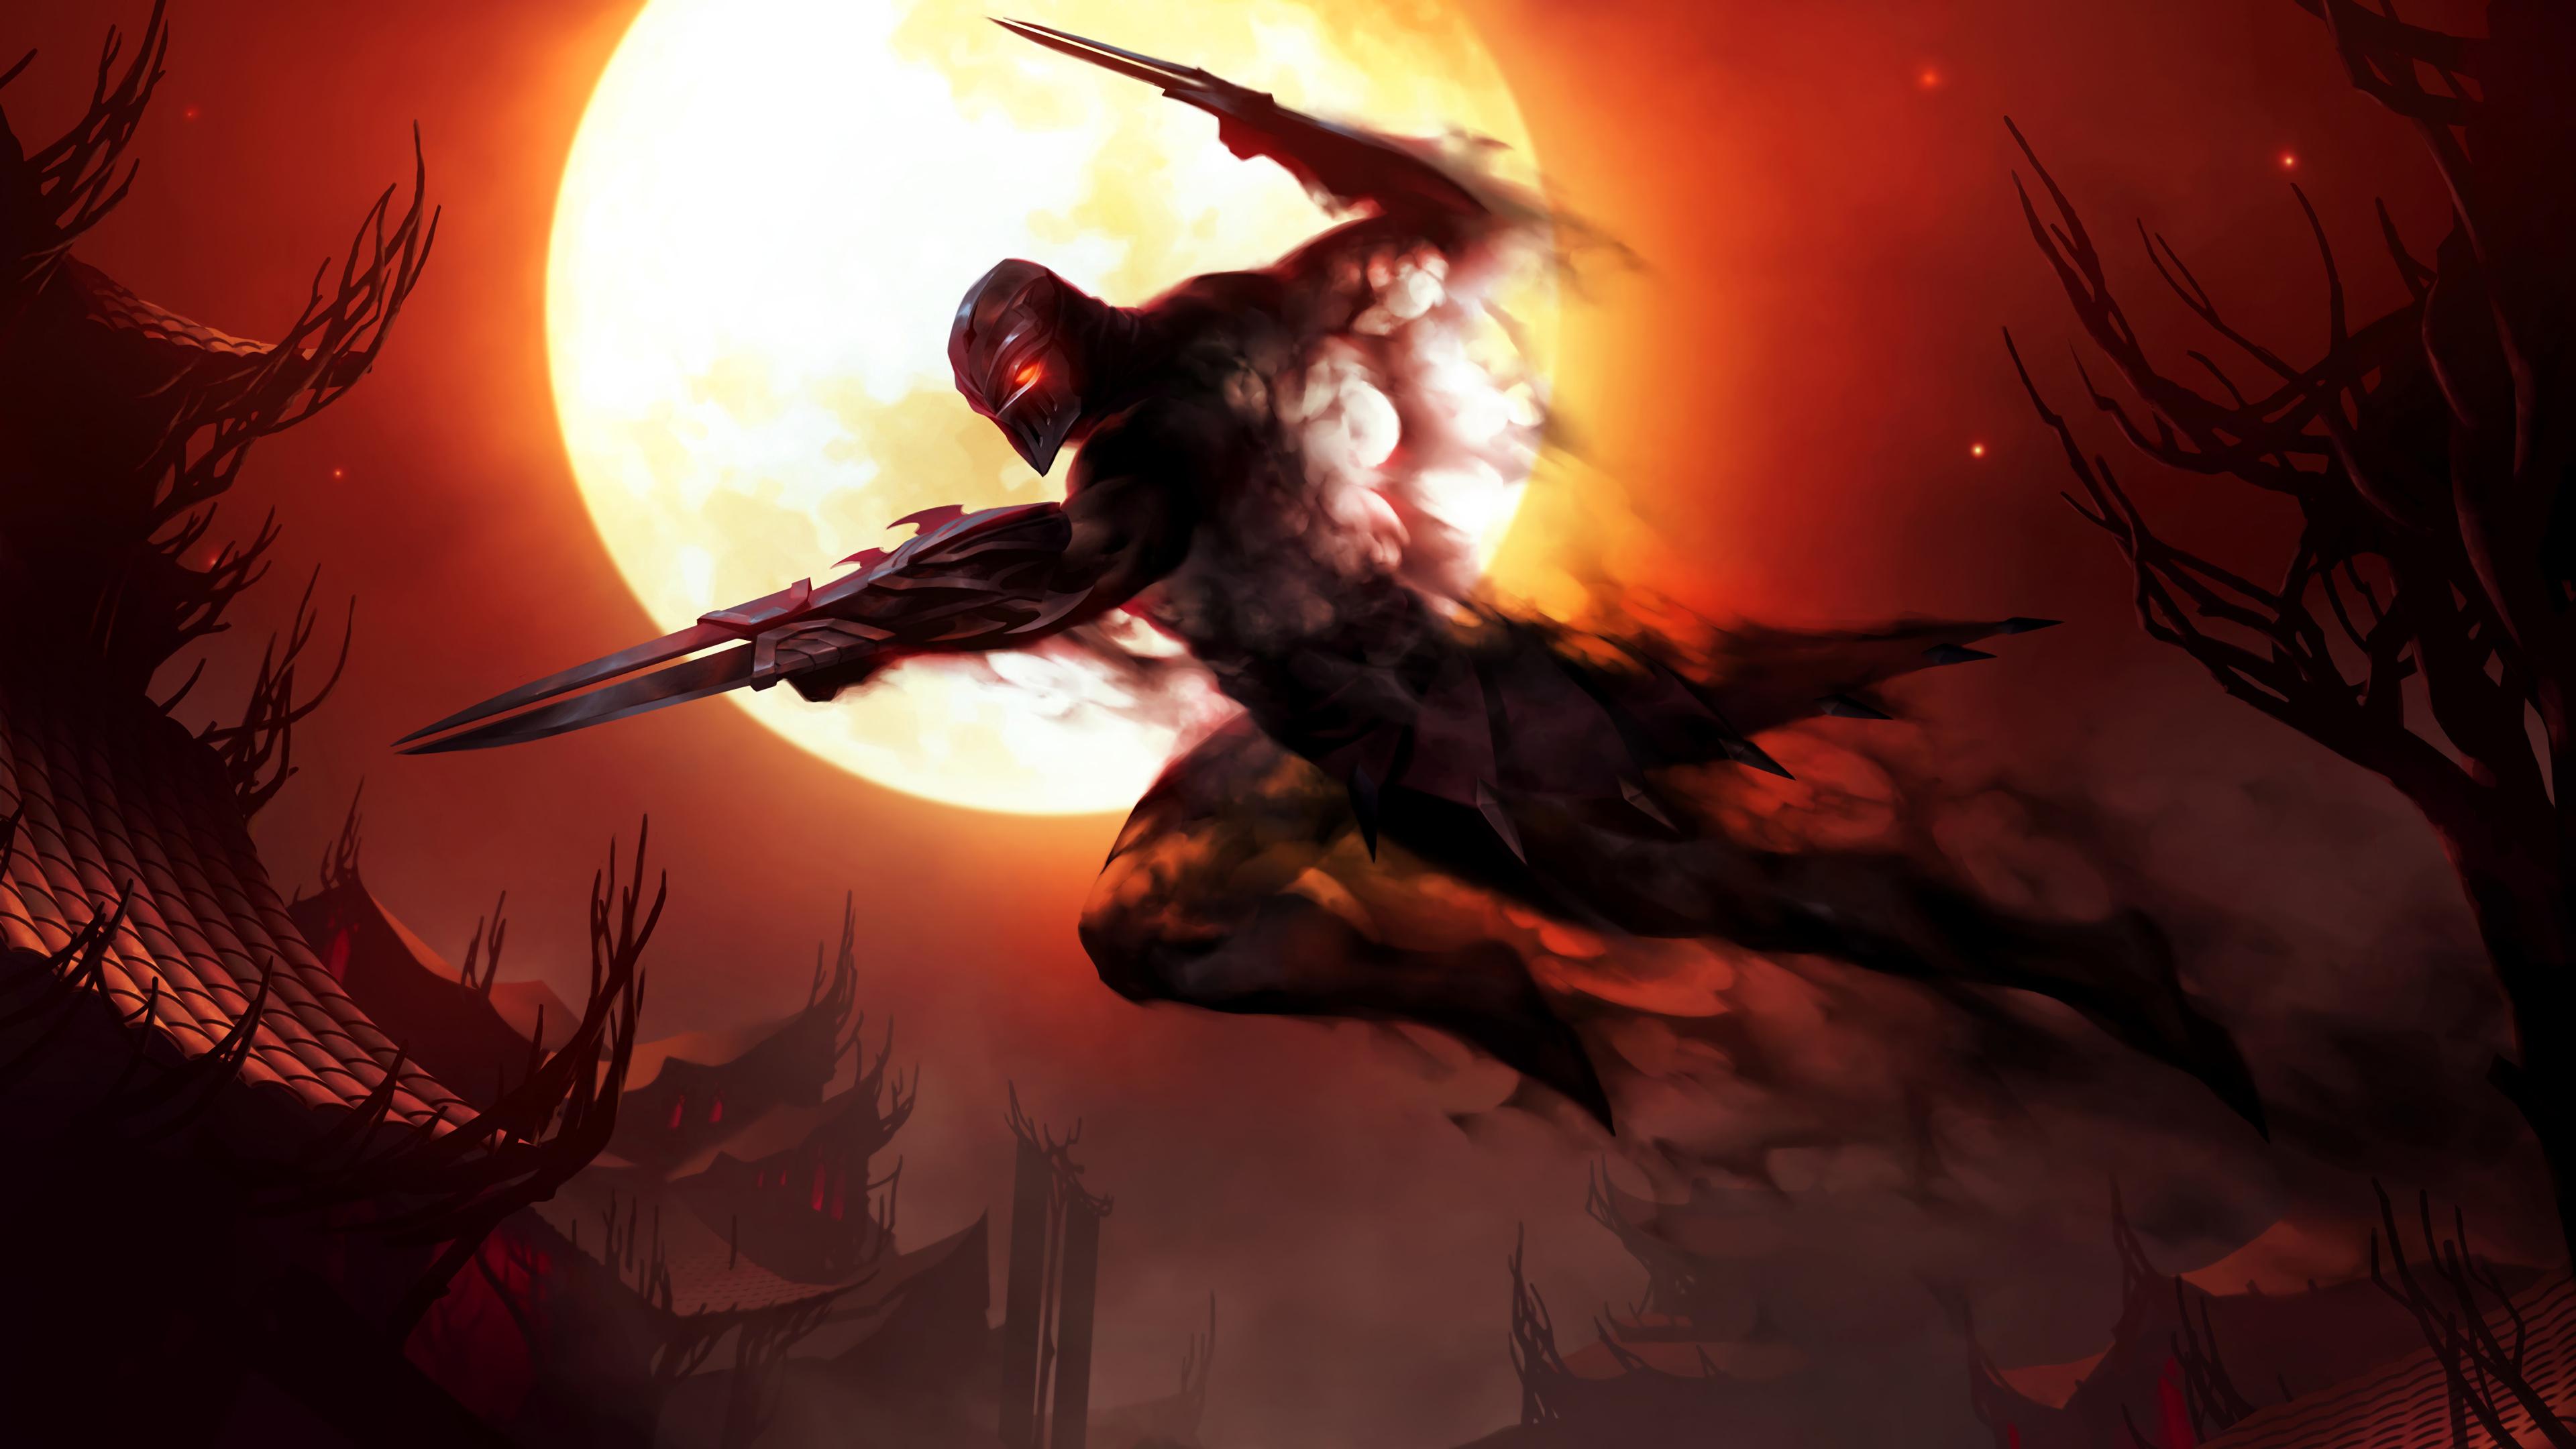 Zed Legends Of Runeterra League Of Legends 4k, HD Games ...